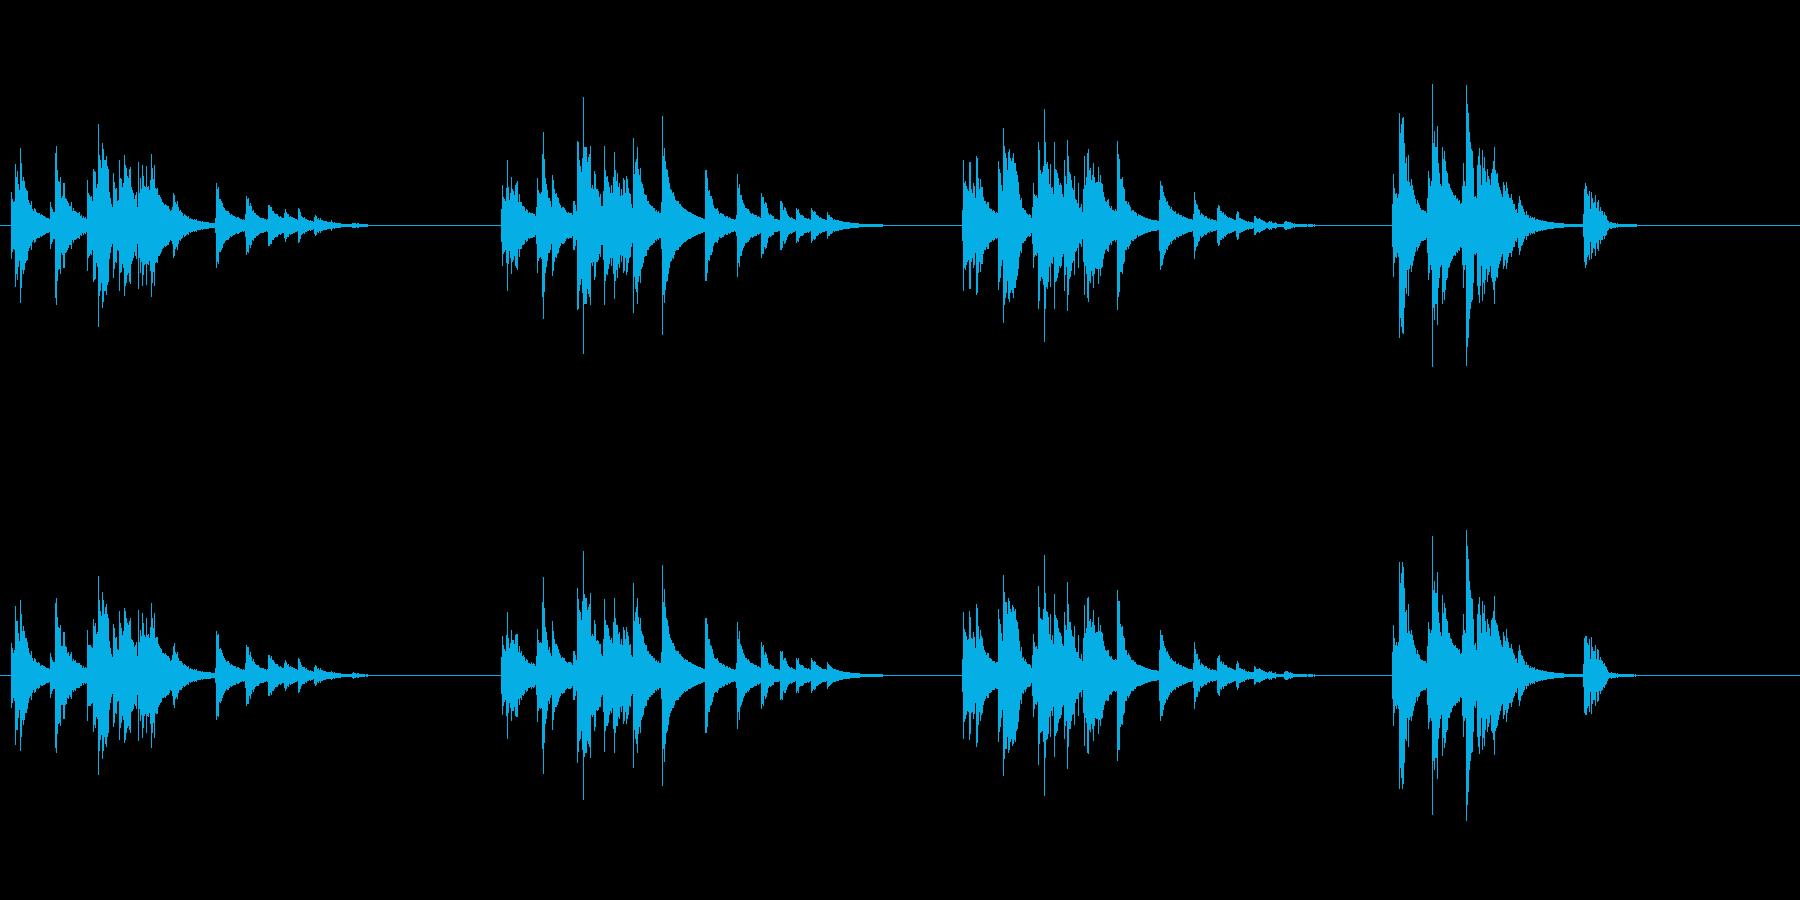 大太鼓10雨音歌舞伎情景描写和風和太鼓助の再生済みの波形